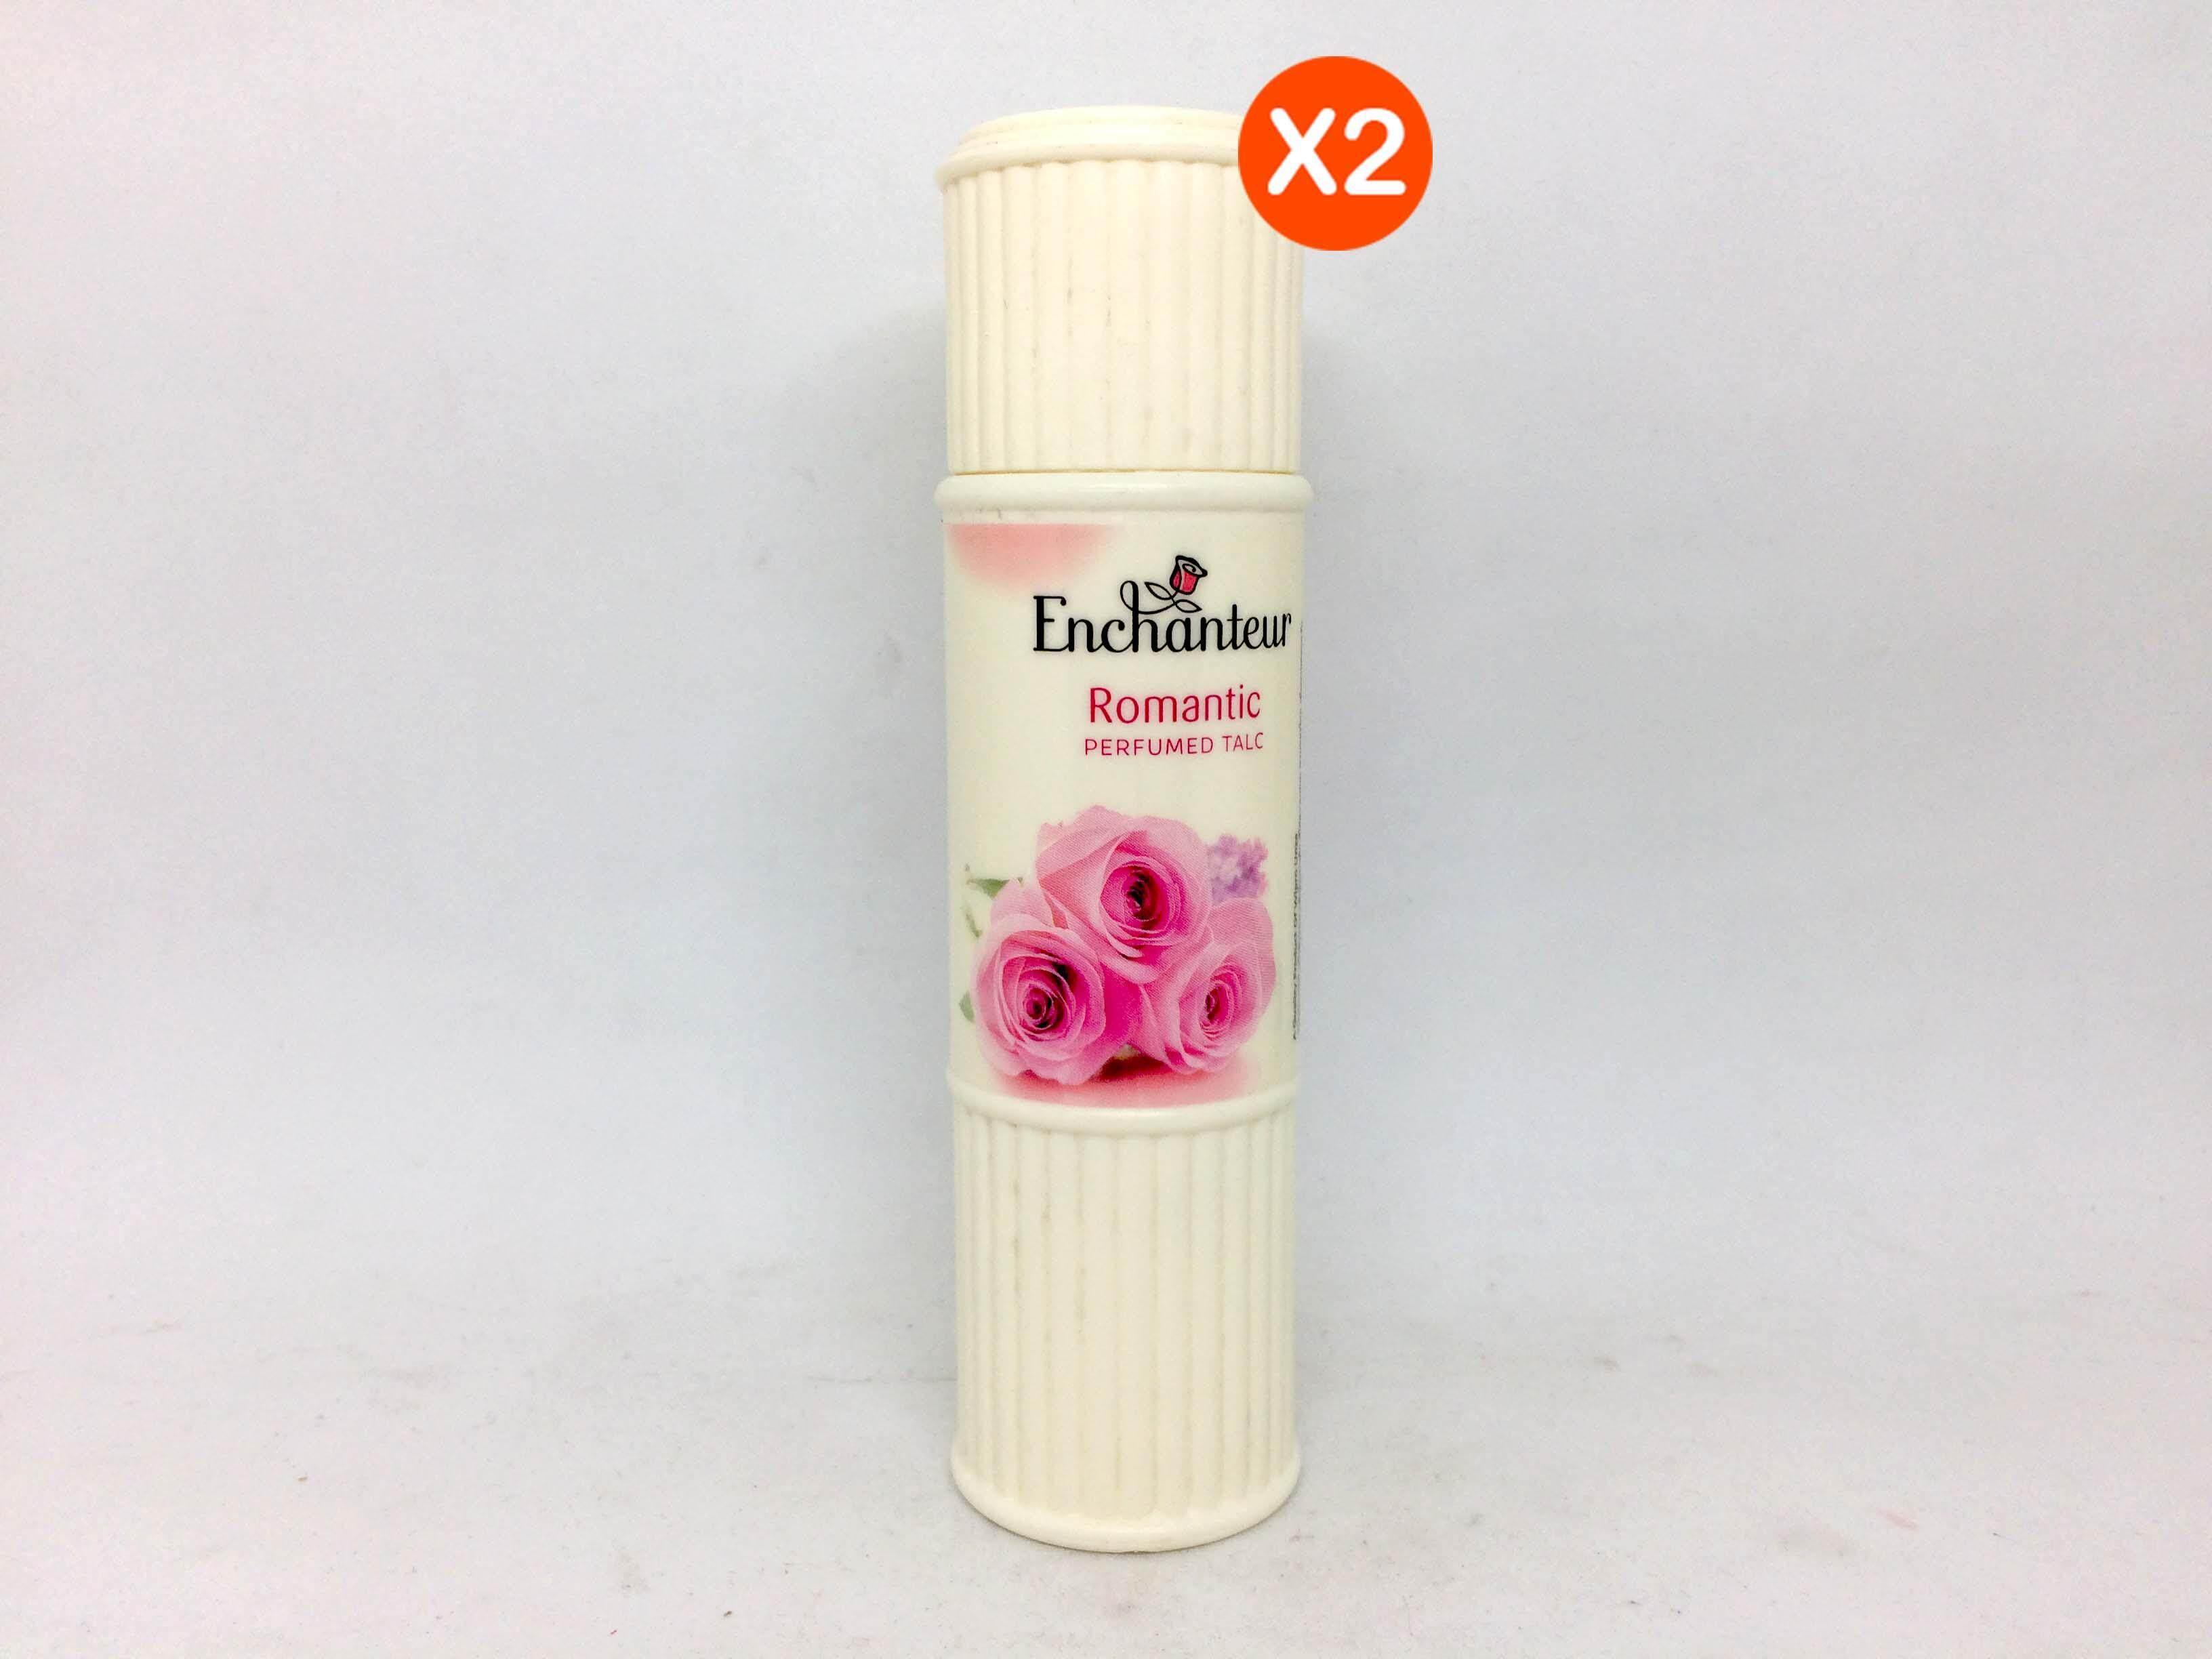 Enchanteur Thailand Perfumed Talc Alluring 200a Romantic 50g X 2 Pcs